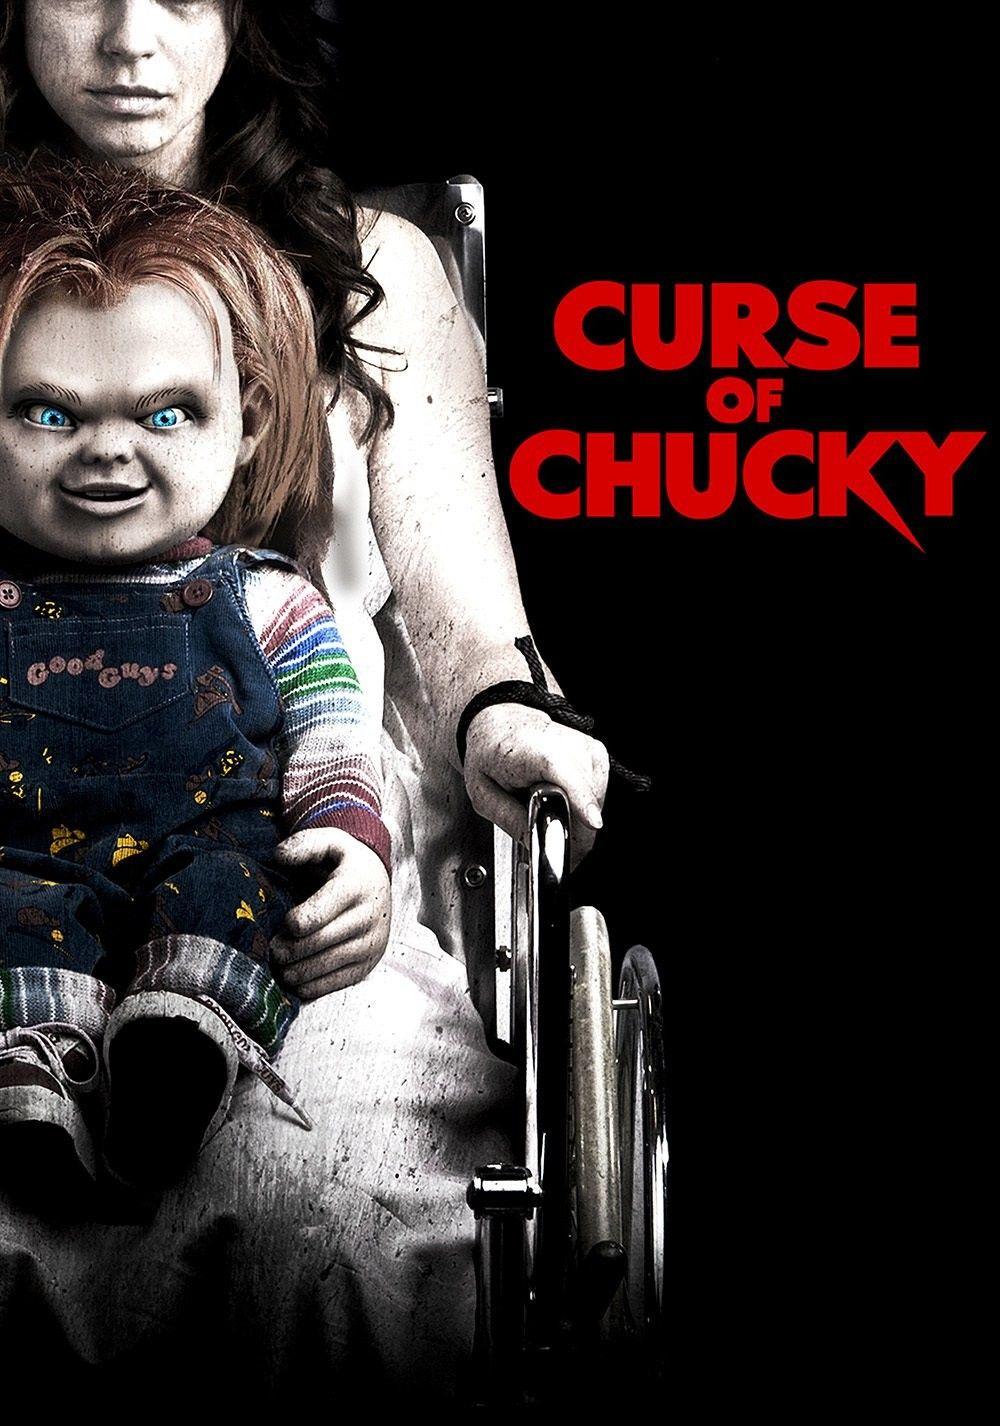 curse of chucky full movie free